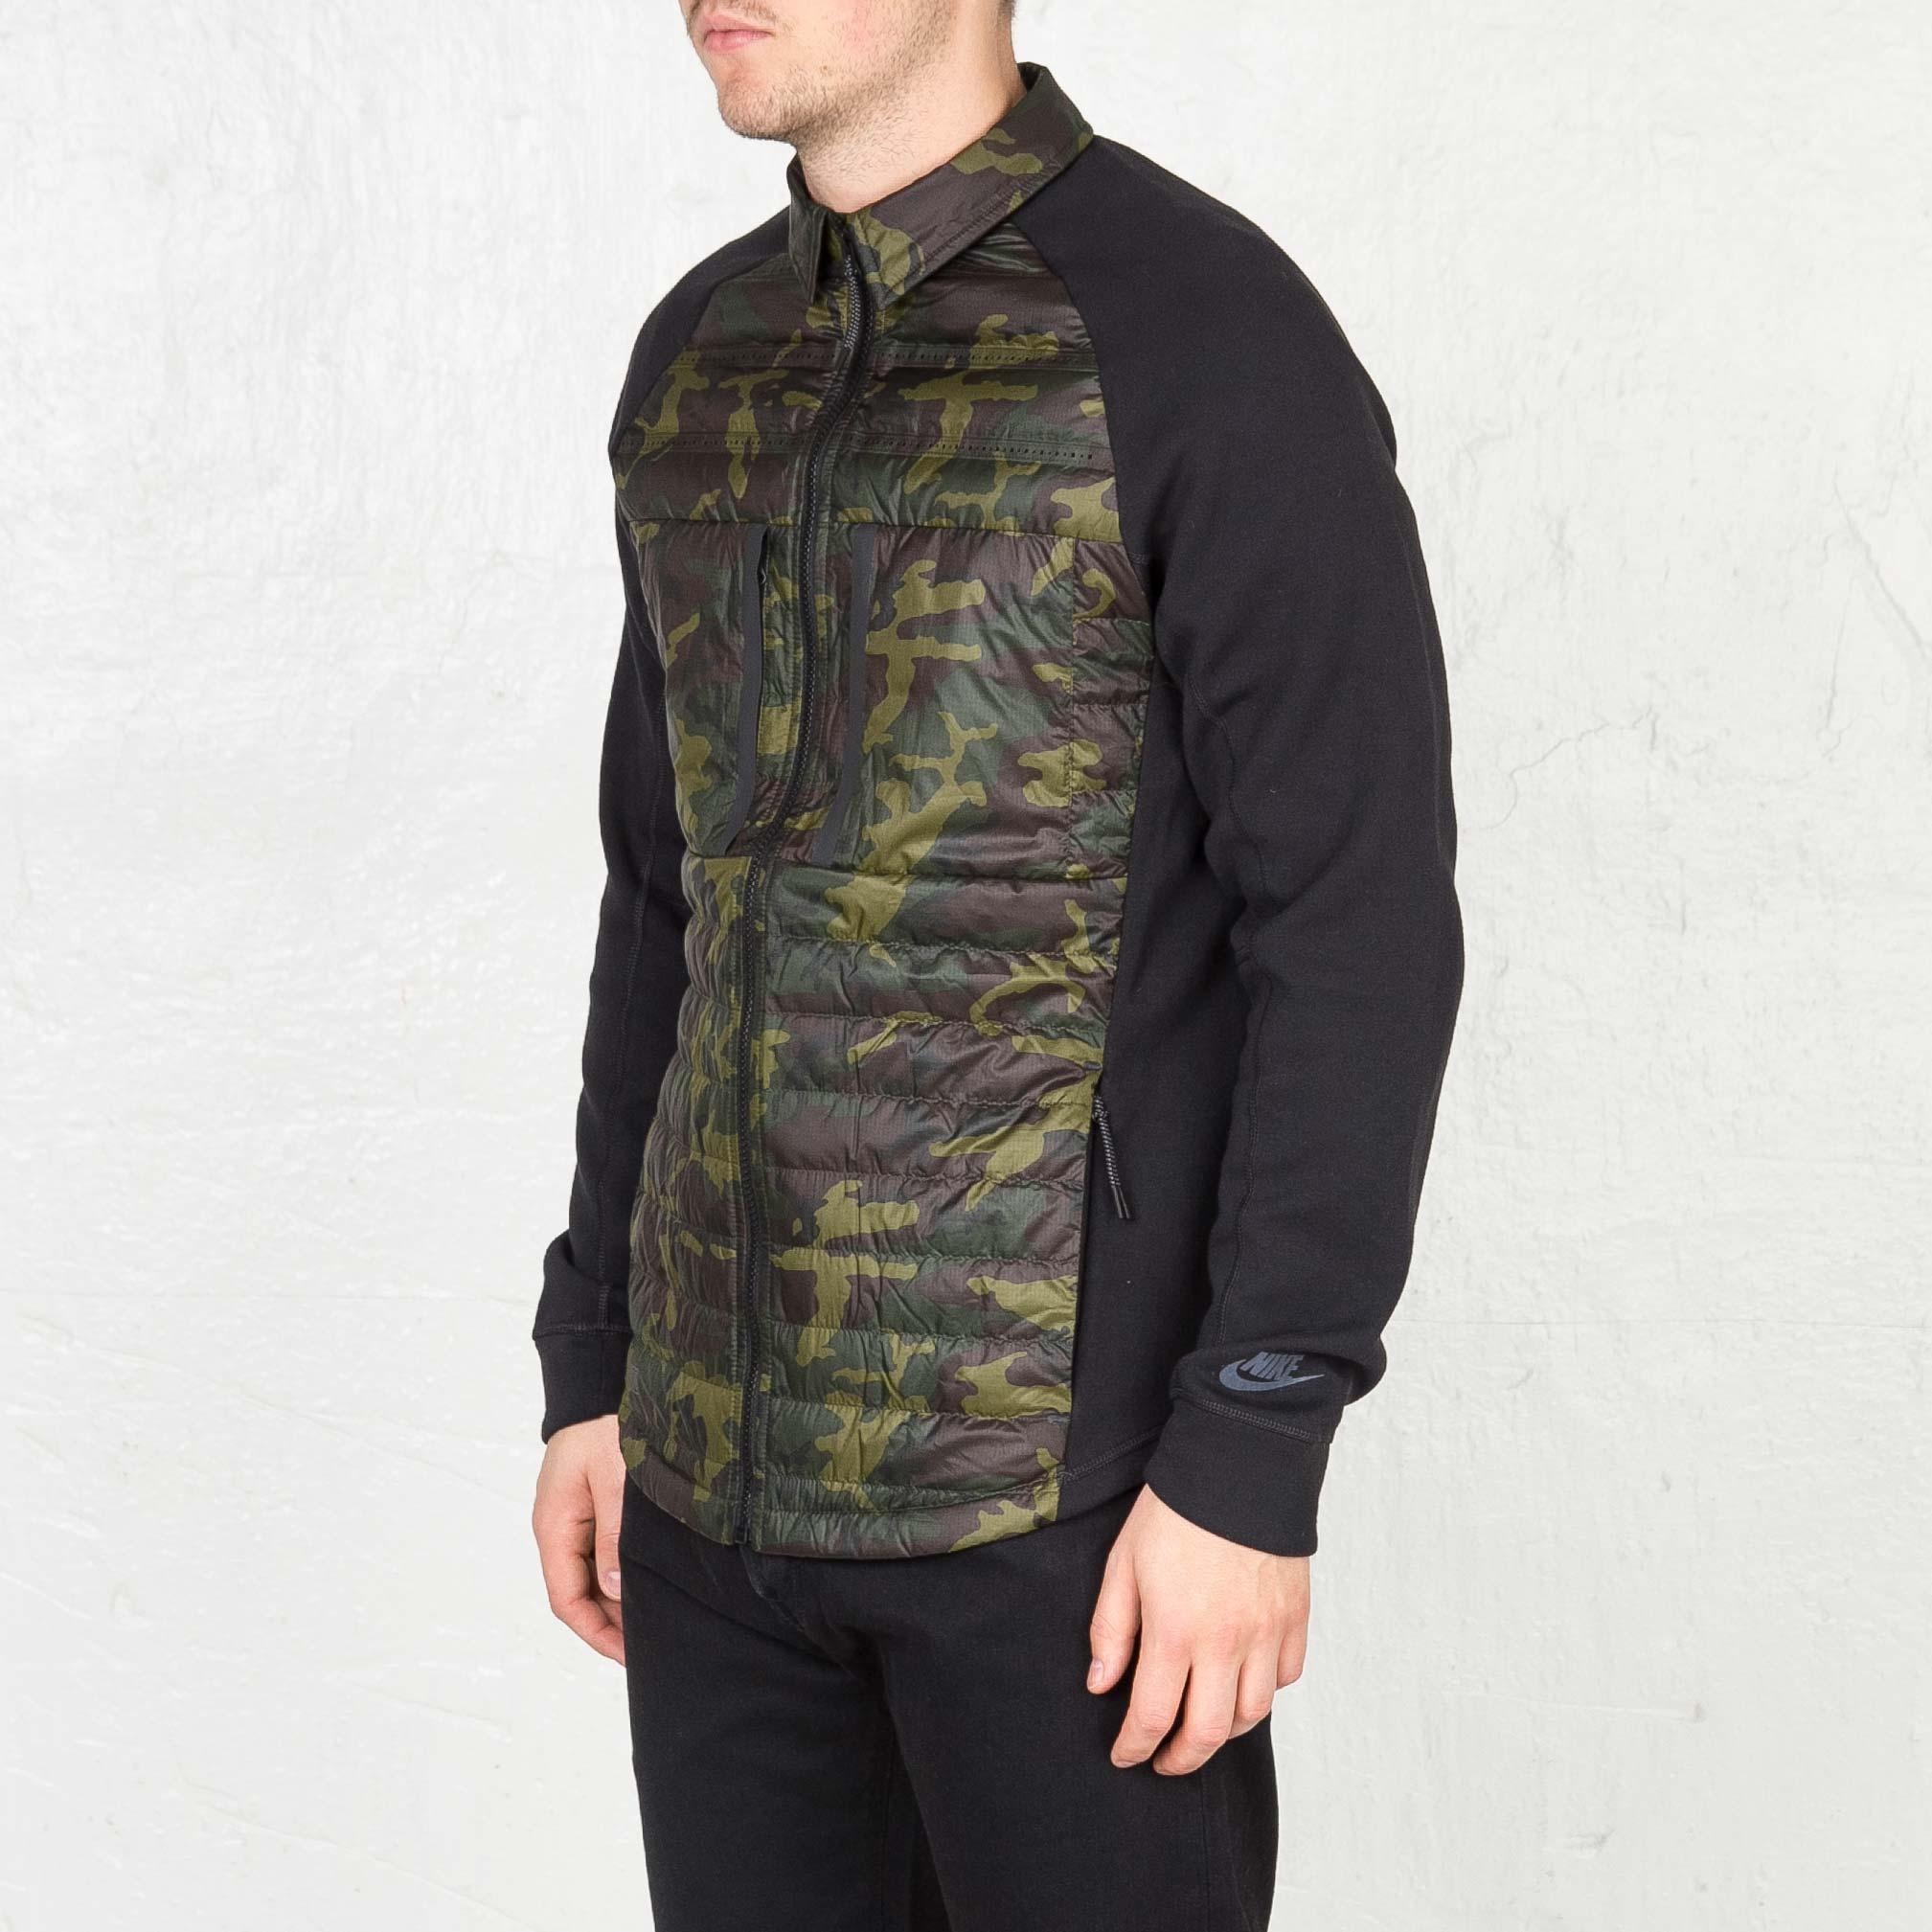 42864d7e592e Nike Tech Fleece Aeroloft Shirt - 678263-355 - Sneakersnstuff ...